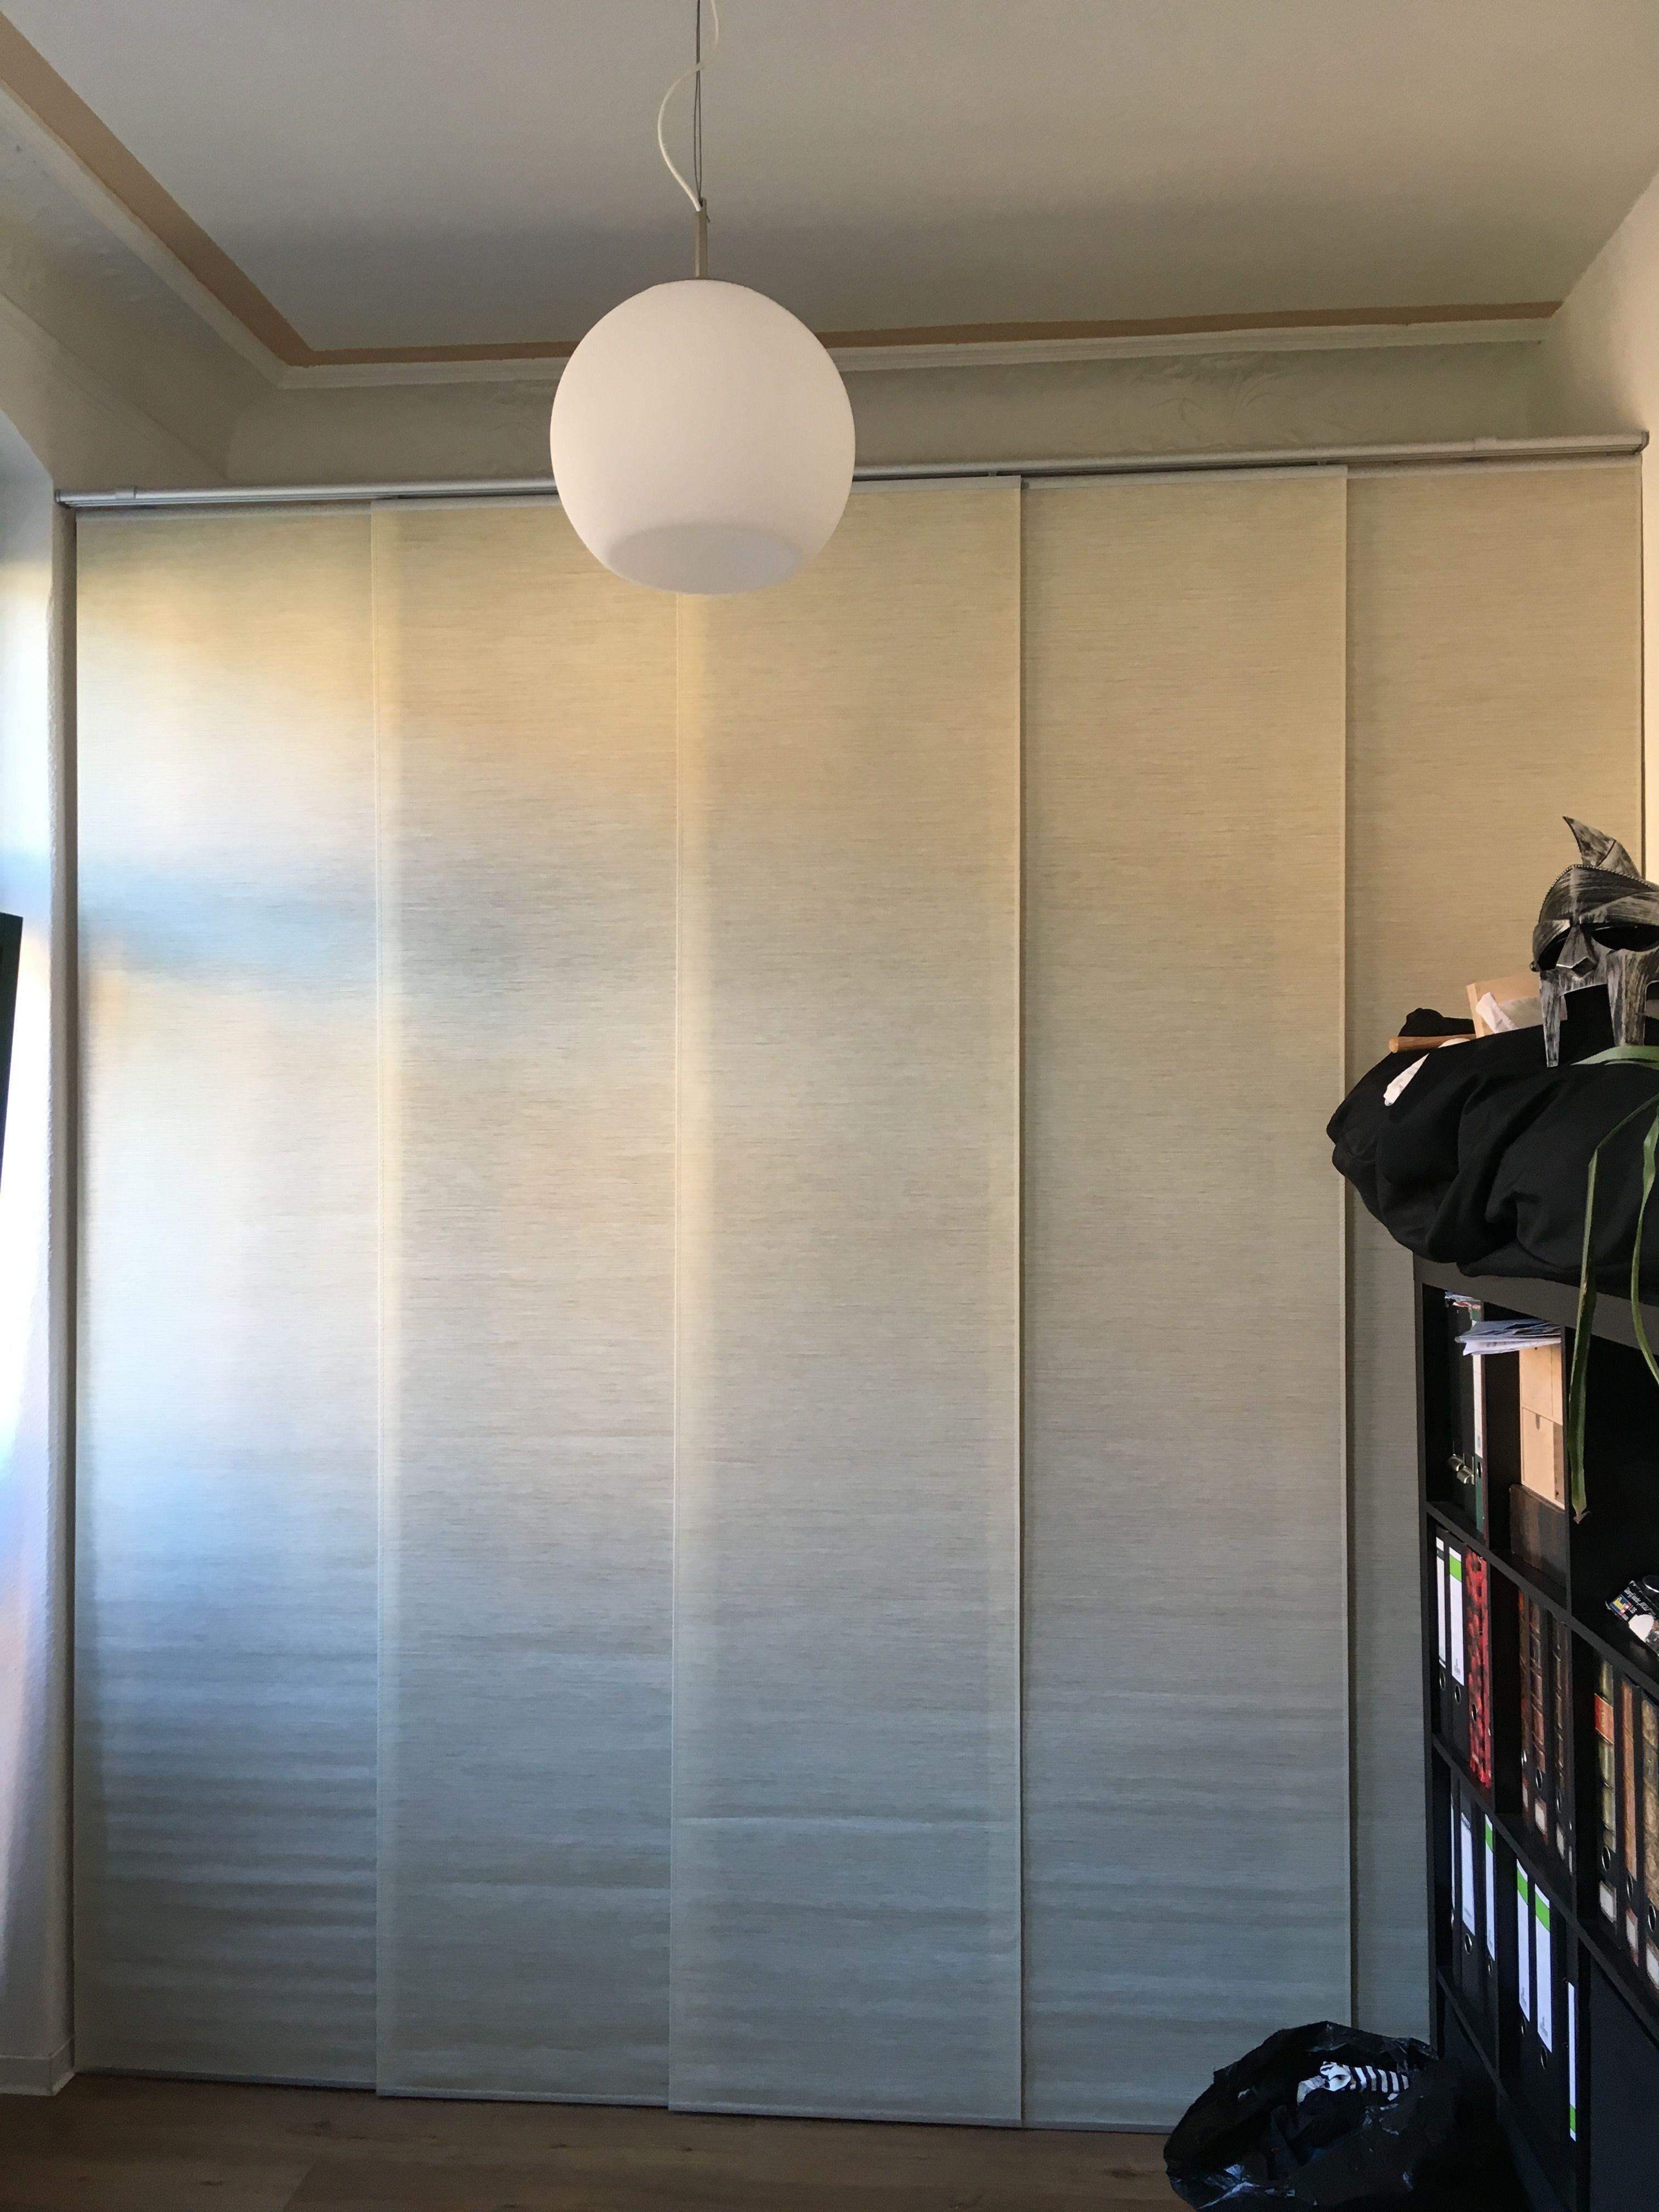 Schiebevorhang Als Schranktur Schrank Dachschrage Schrank Raum Schiebevorhang